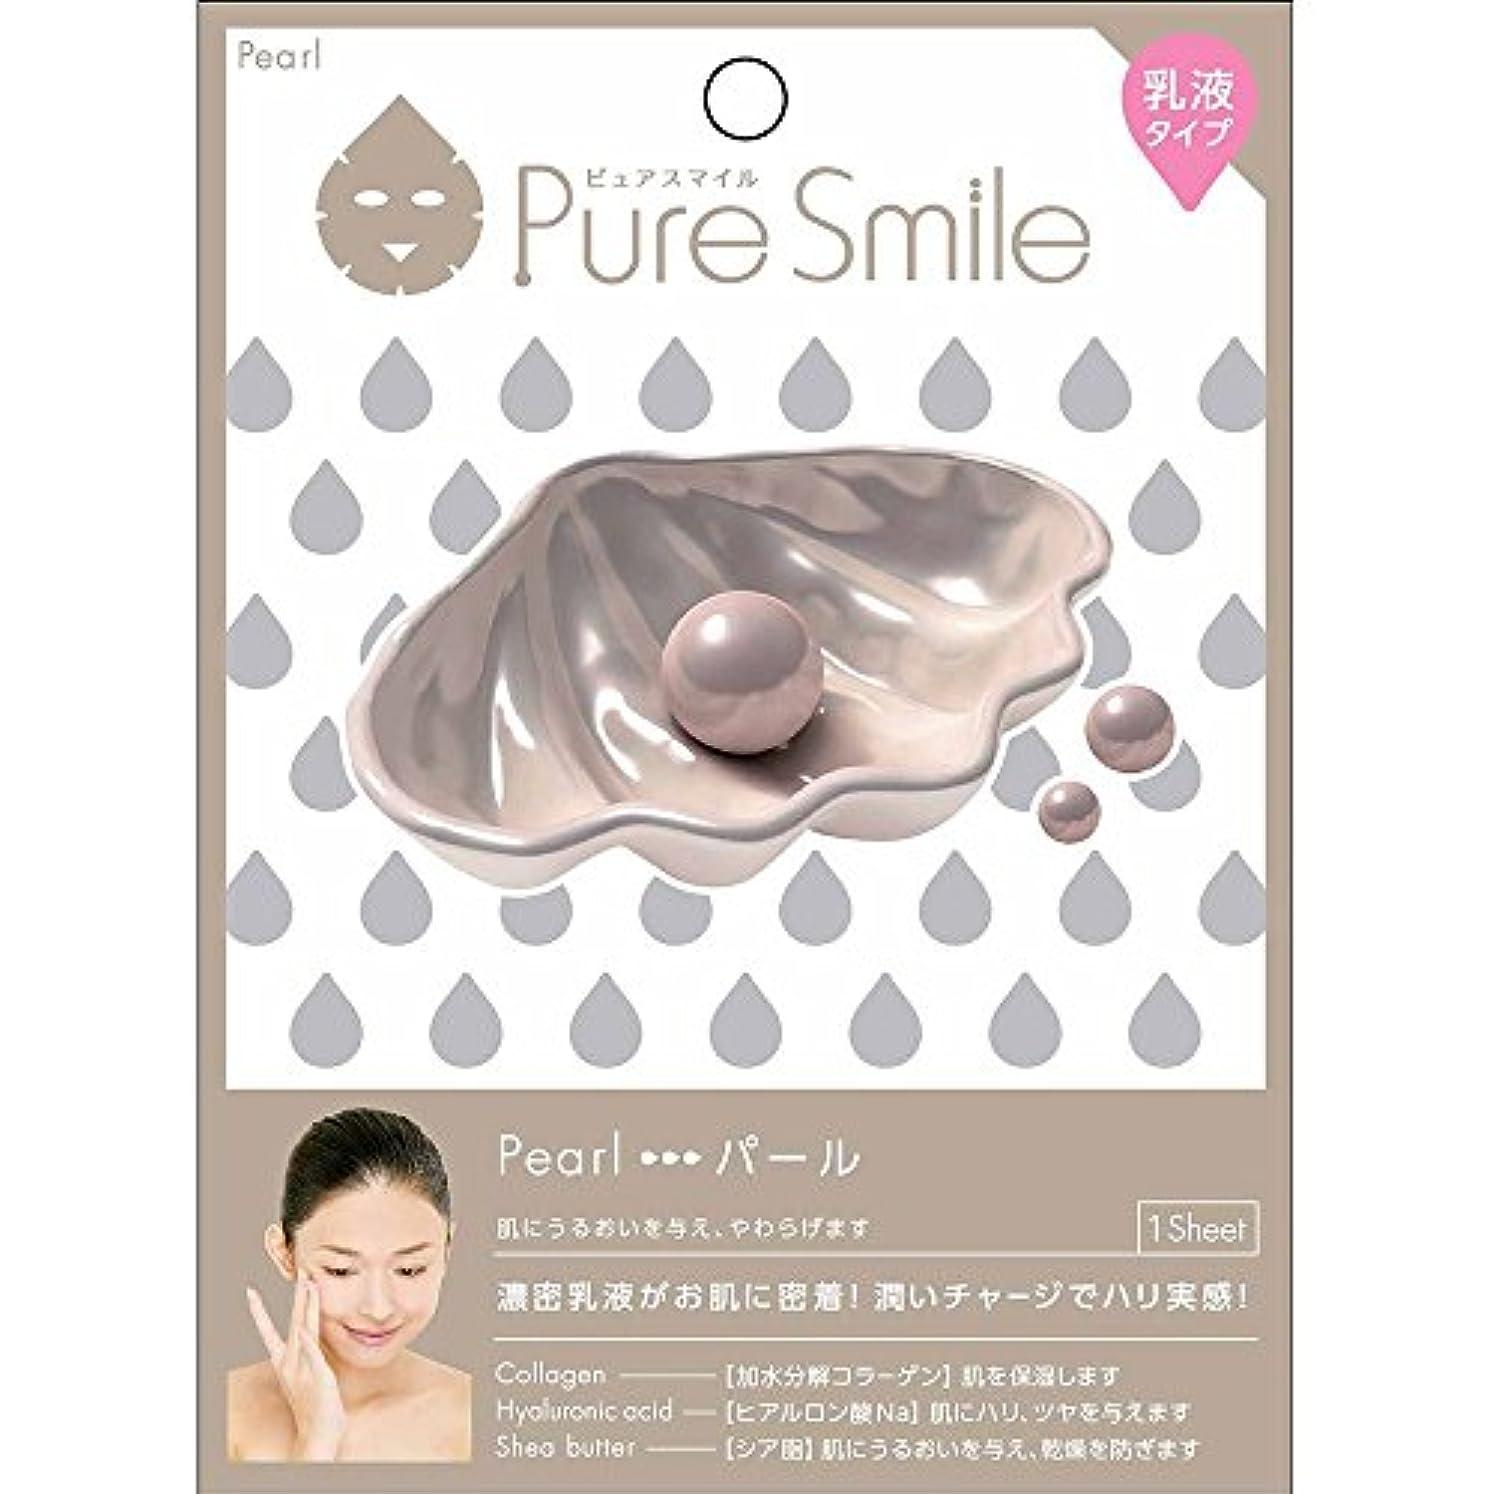 戦士肥料火山学者Pure Smile(ピュアスマイル) 乳液エッセンスマスク 1 枚 パール